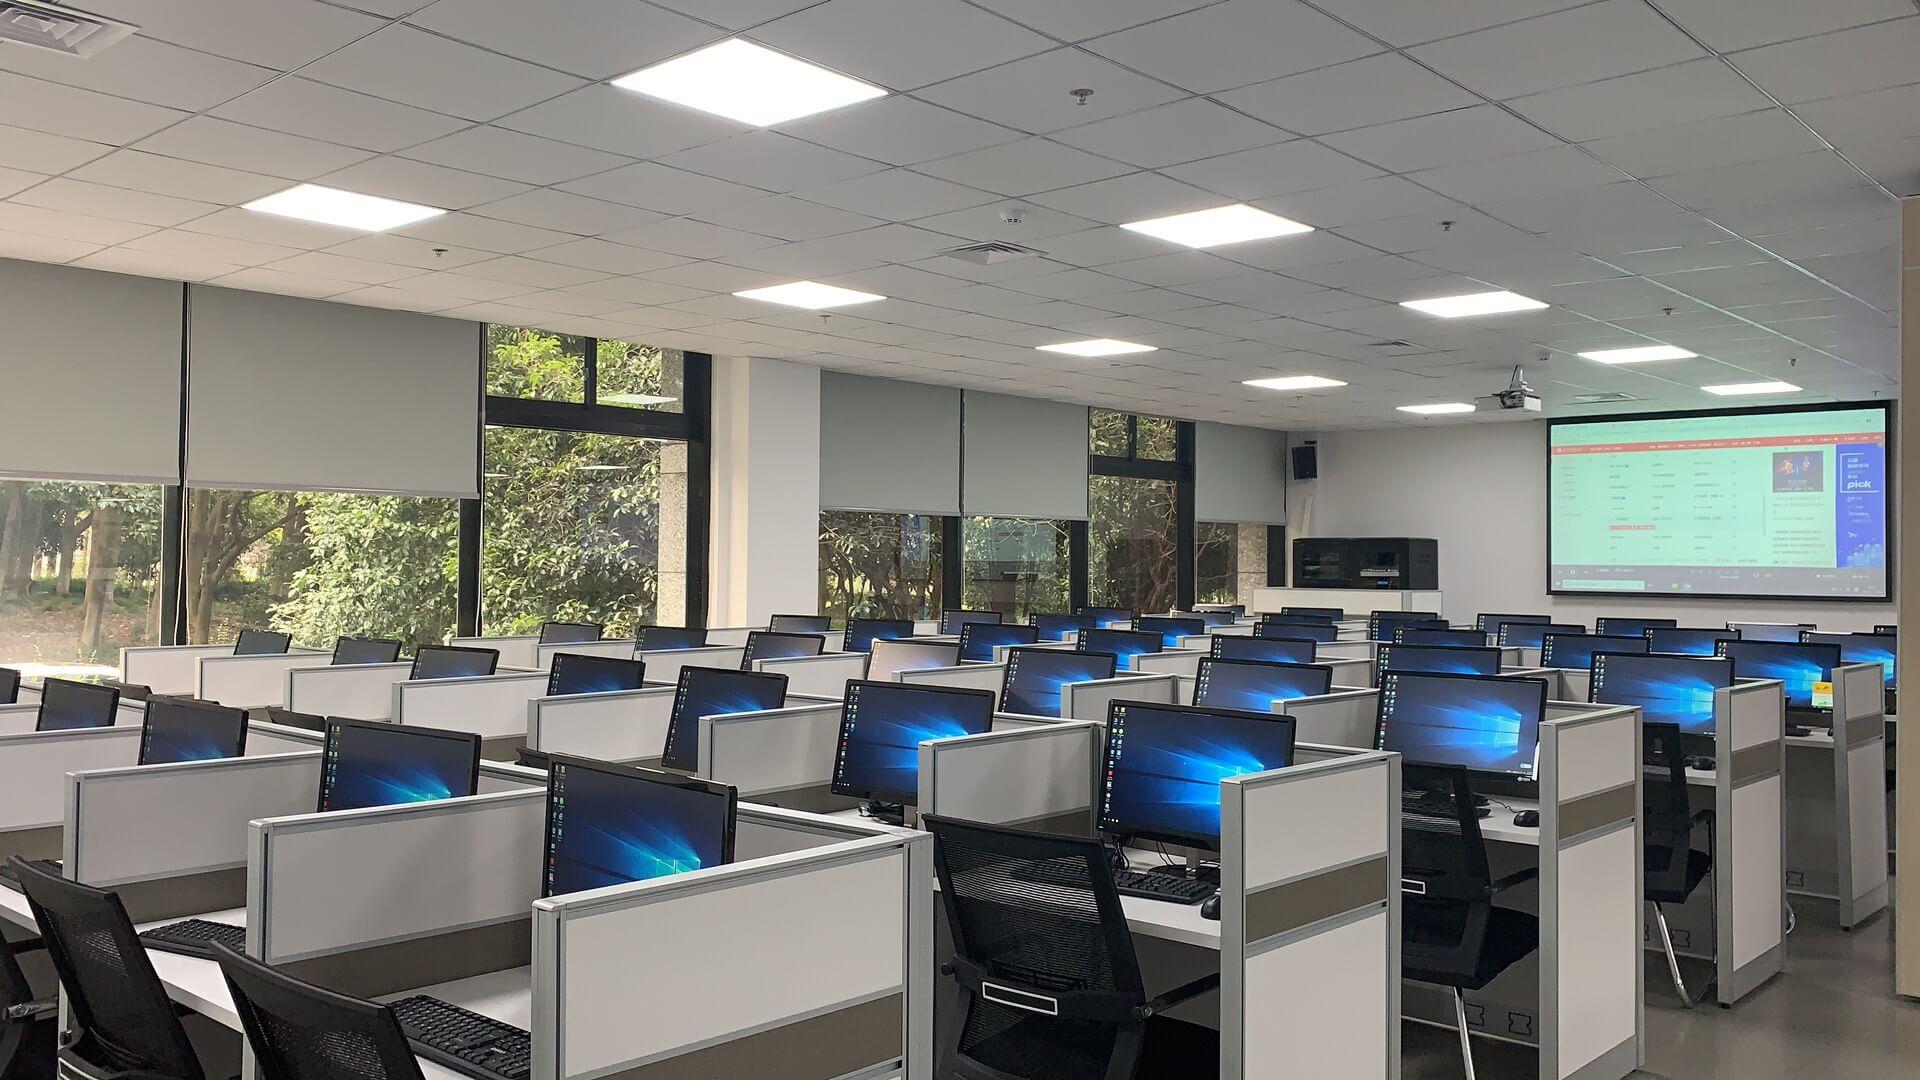 青岛xxx中智慧课堂电子教室云桌面应用方案(图2)